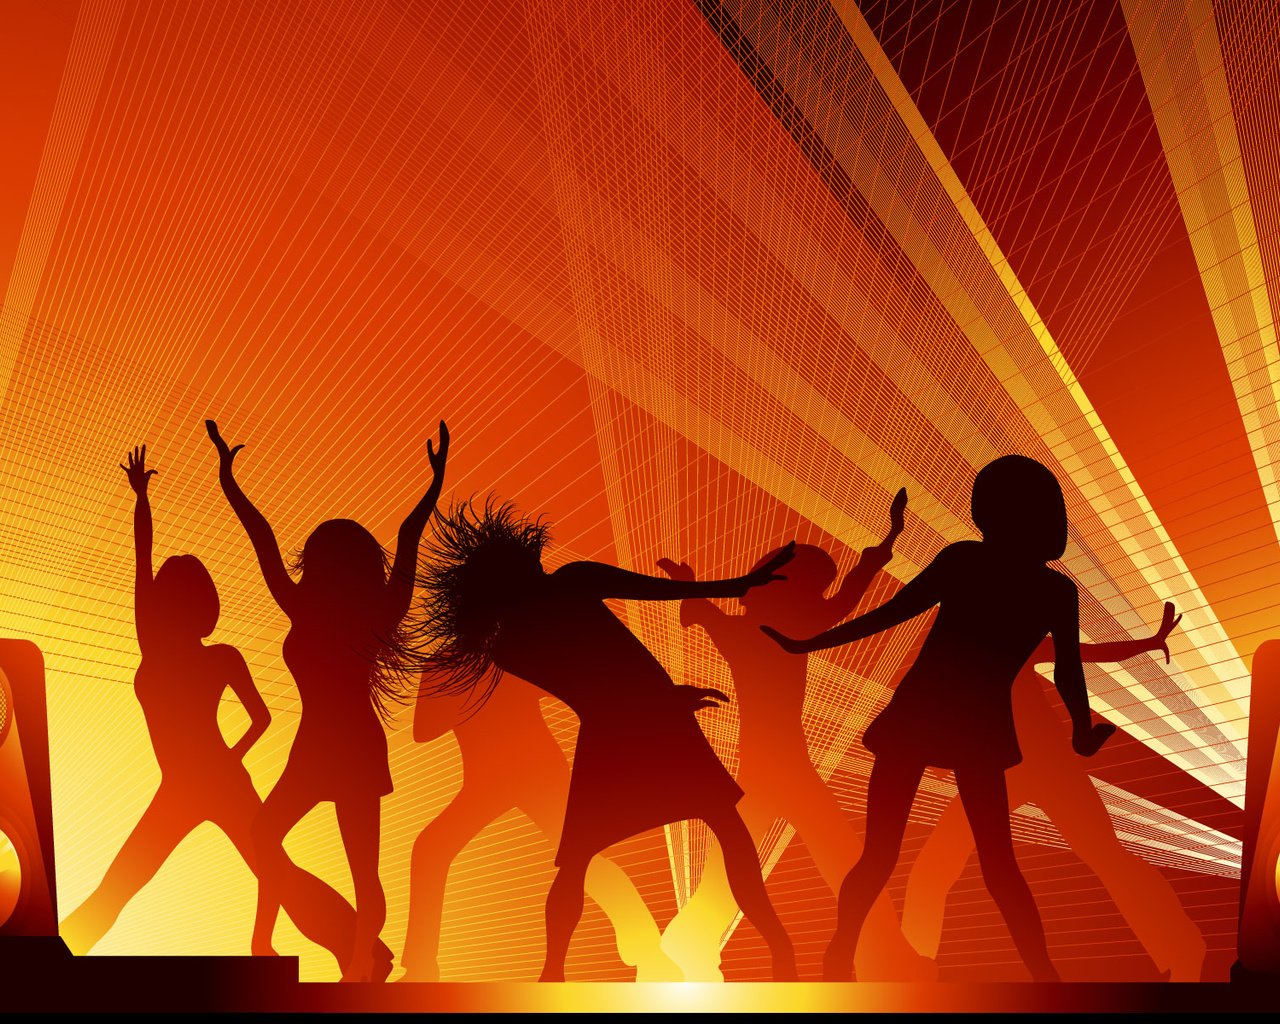 Party Dance Tánciskola Budapest Minden ami tánc Klasszikus és divat táncok Pár nélkül is! Tánctanfolyamok táncoktatás táncstúdió tánc kurzus